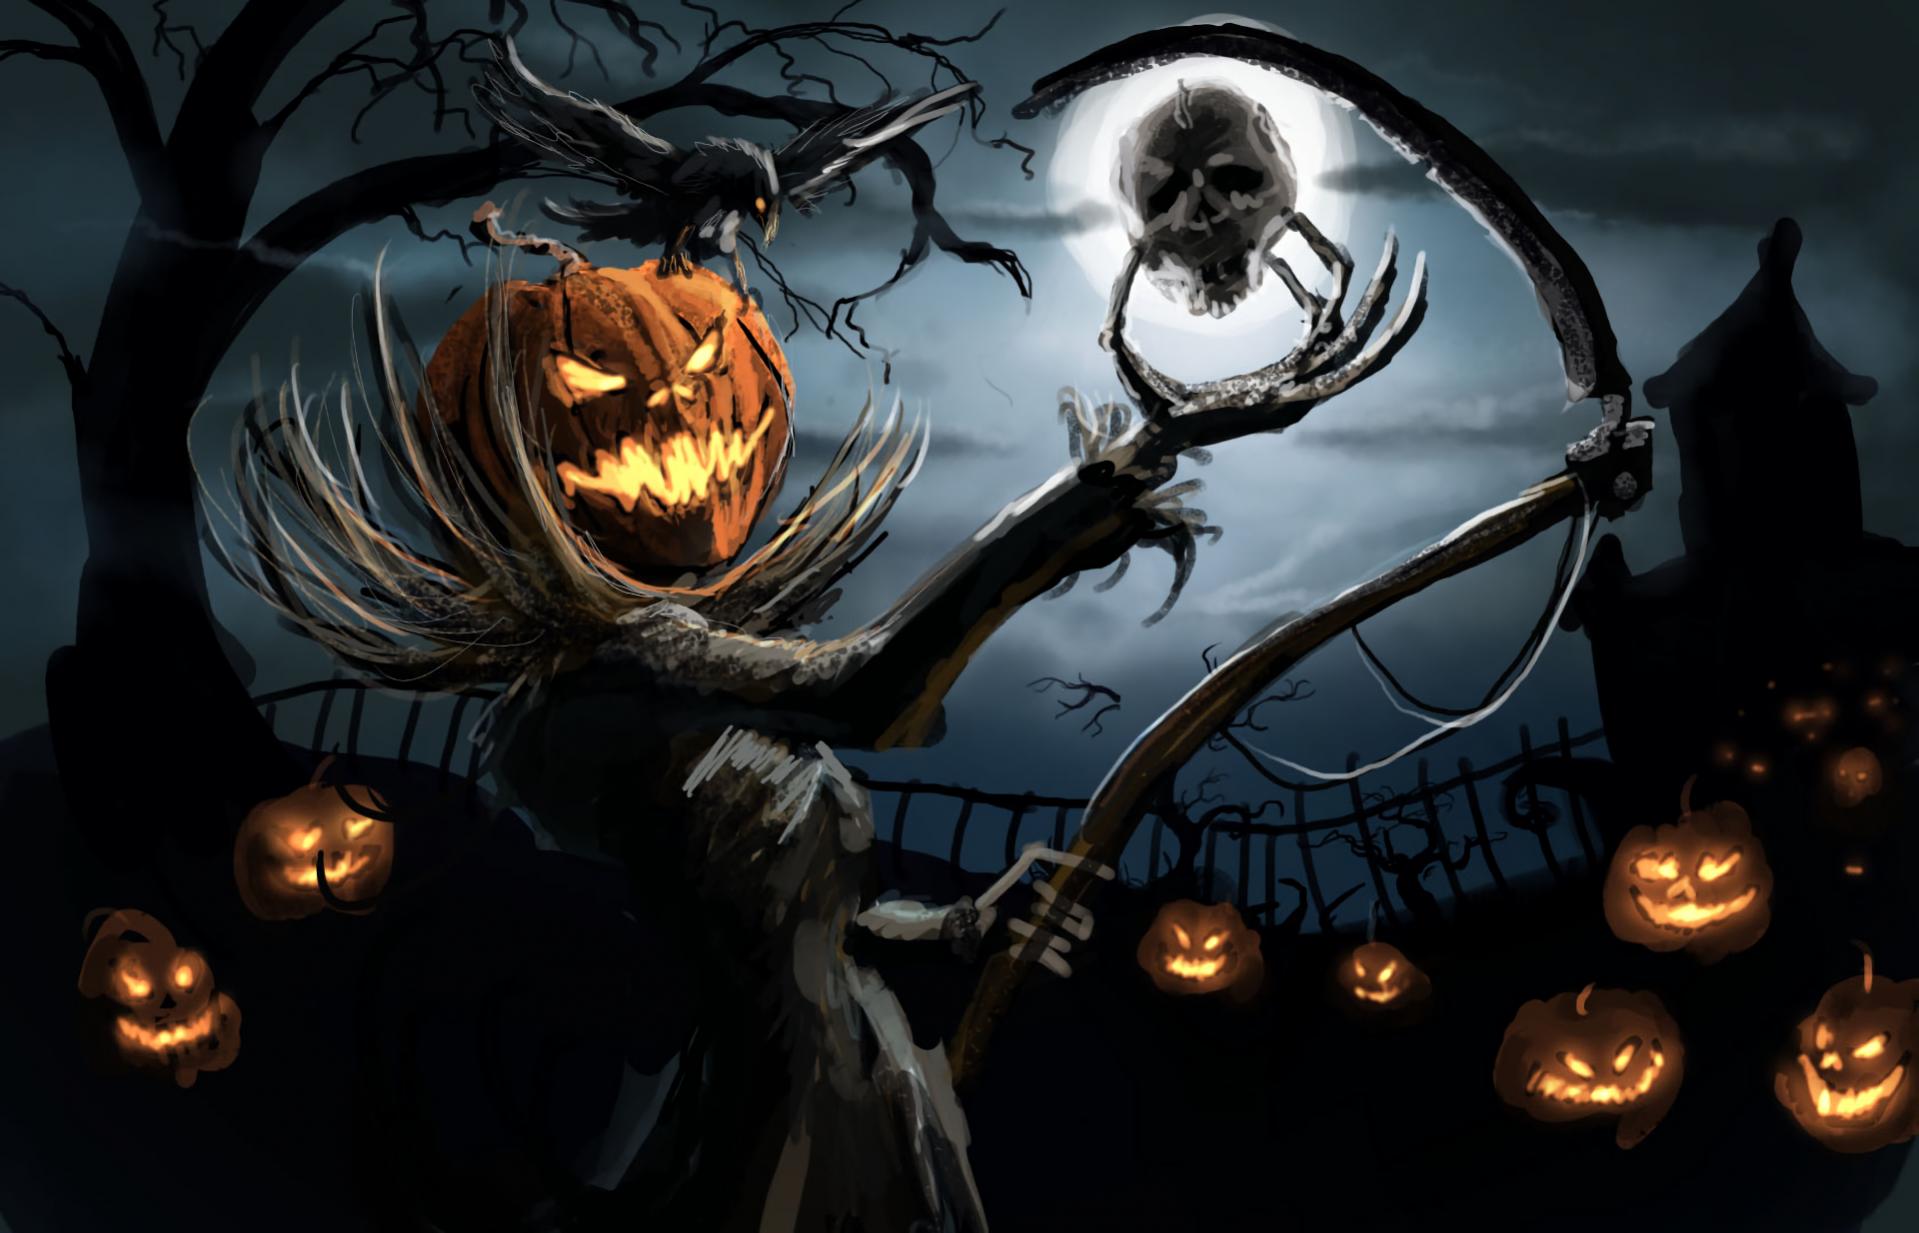 Halloween Wallpaper 20   1919 X 1233 stmednet 1919x1233